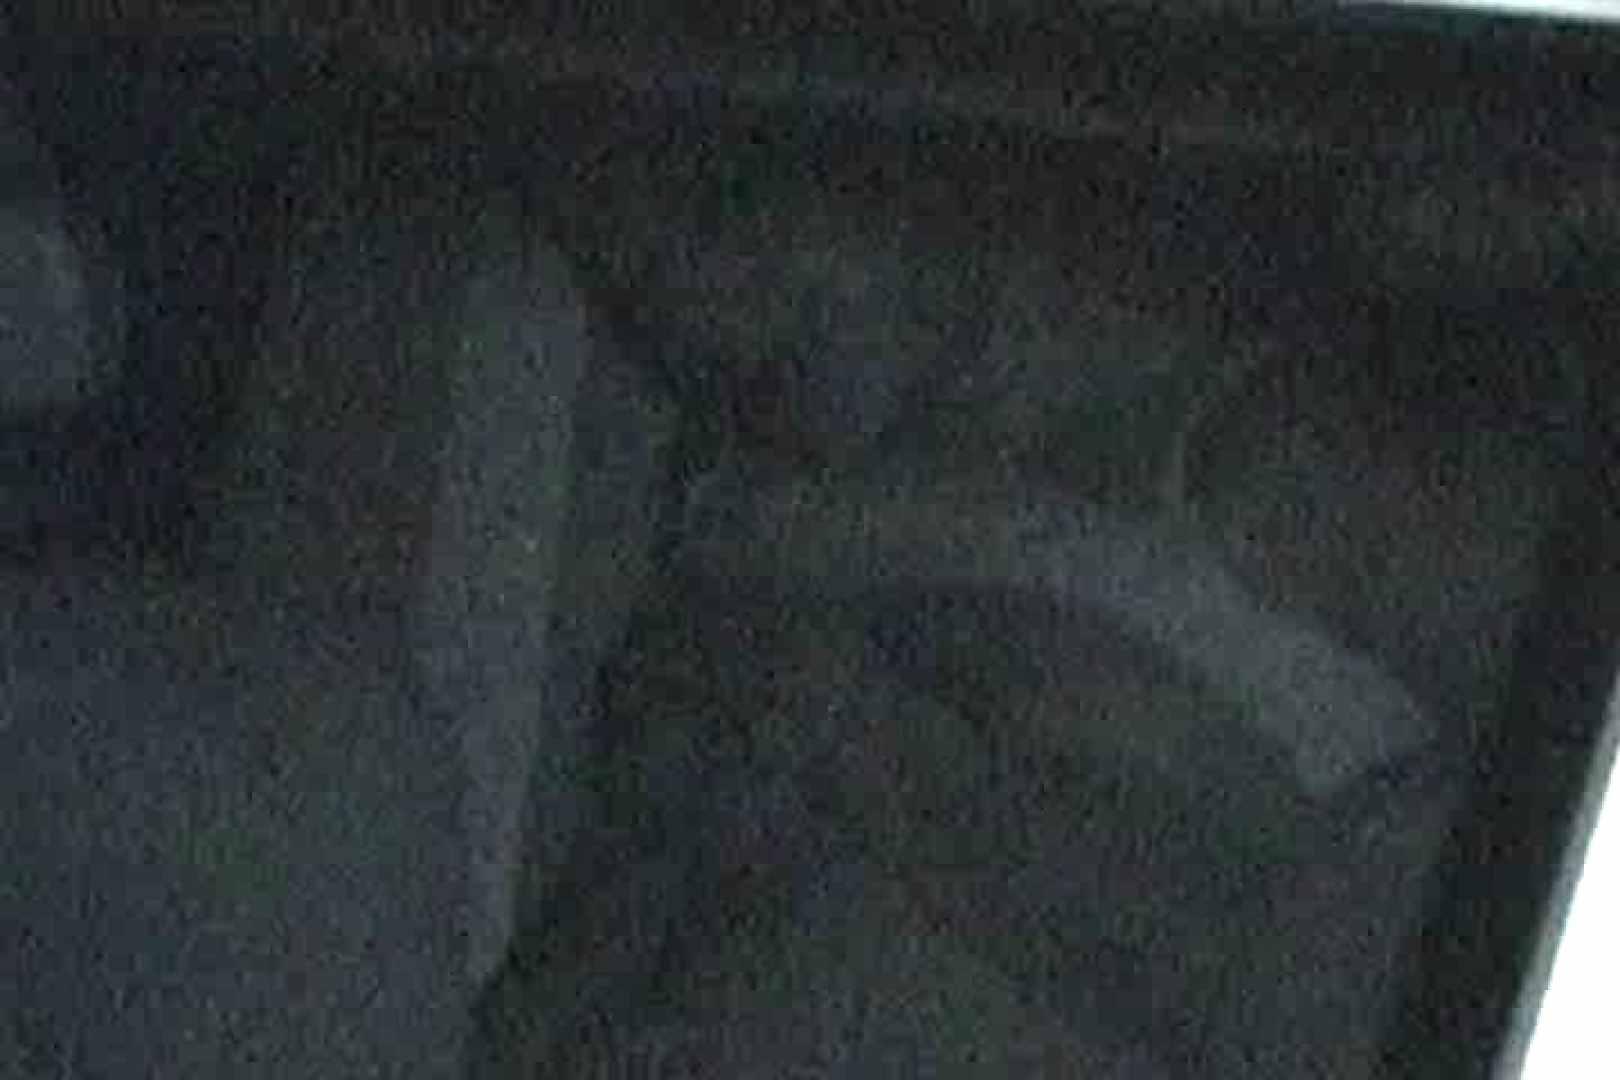 充血監督の深夜の運動会Vol.22 マンコ エロ画像 63連発 28